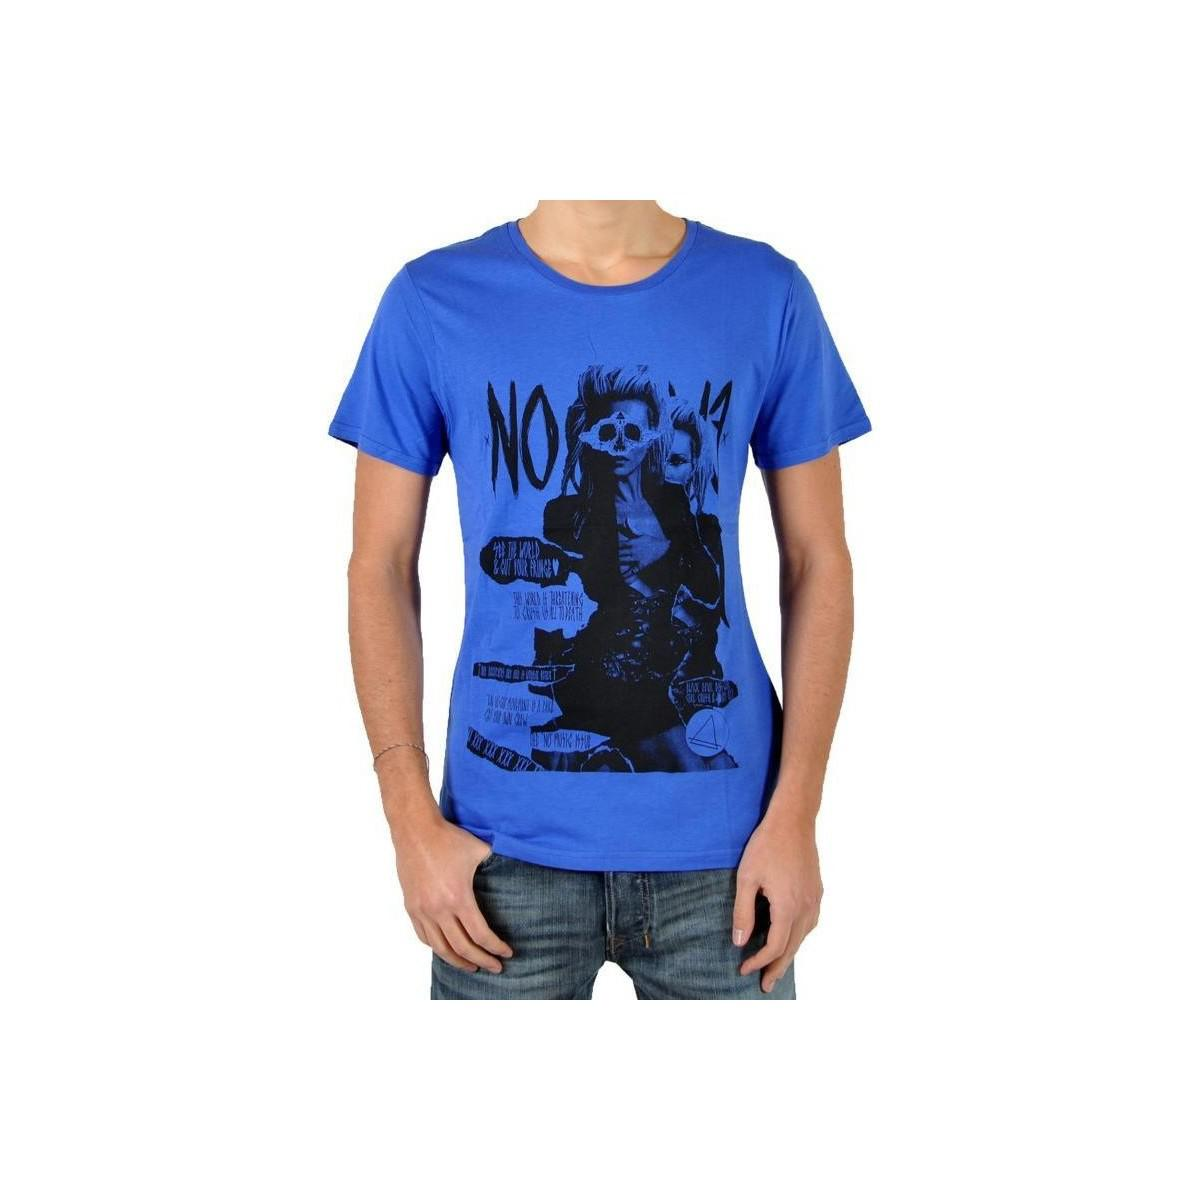 Choix La Vente En Ligne Réduction Avec Mastercard Eleven Paris T-shirt Ed Kat Acheter Pas Cher Faible Frais D'expédition BZmt07qpN3